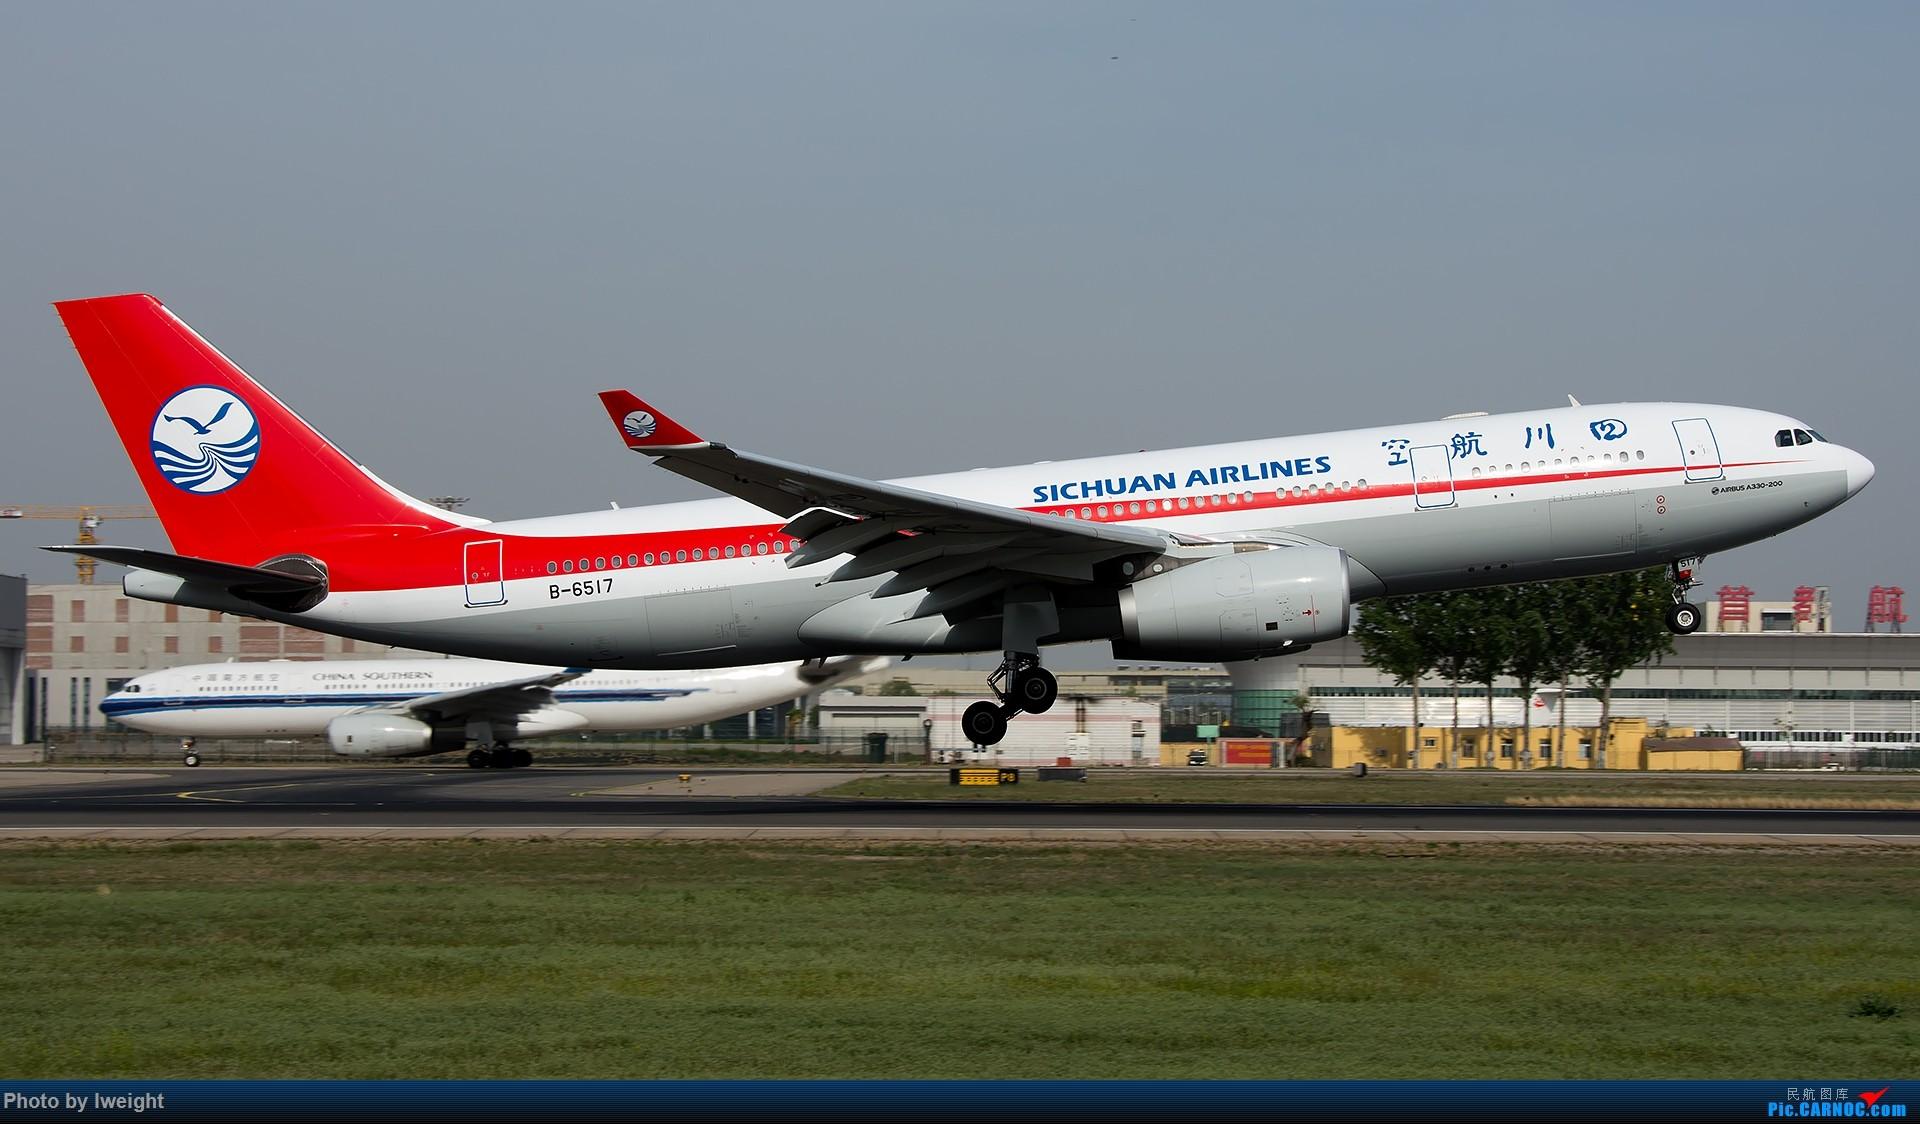 Re:[原创]天气晴朗,继续守候18R【多图】 AIRBUS A330-200 B-6517 中国北京首都国际机场